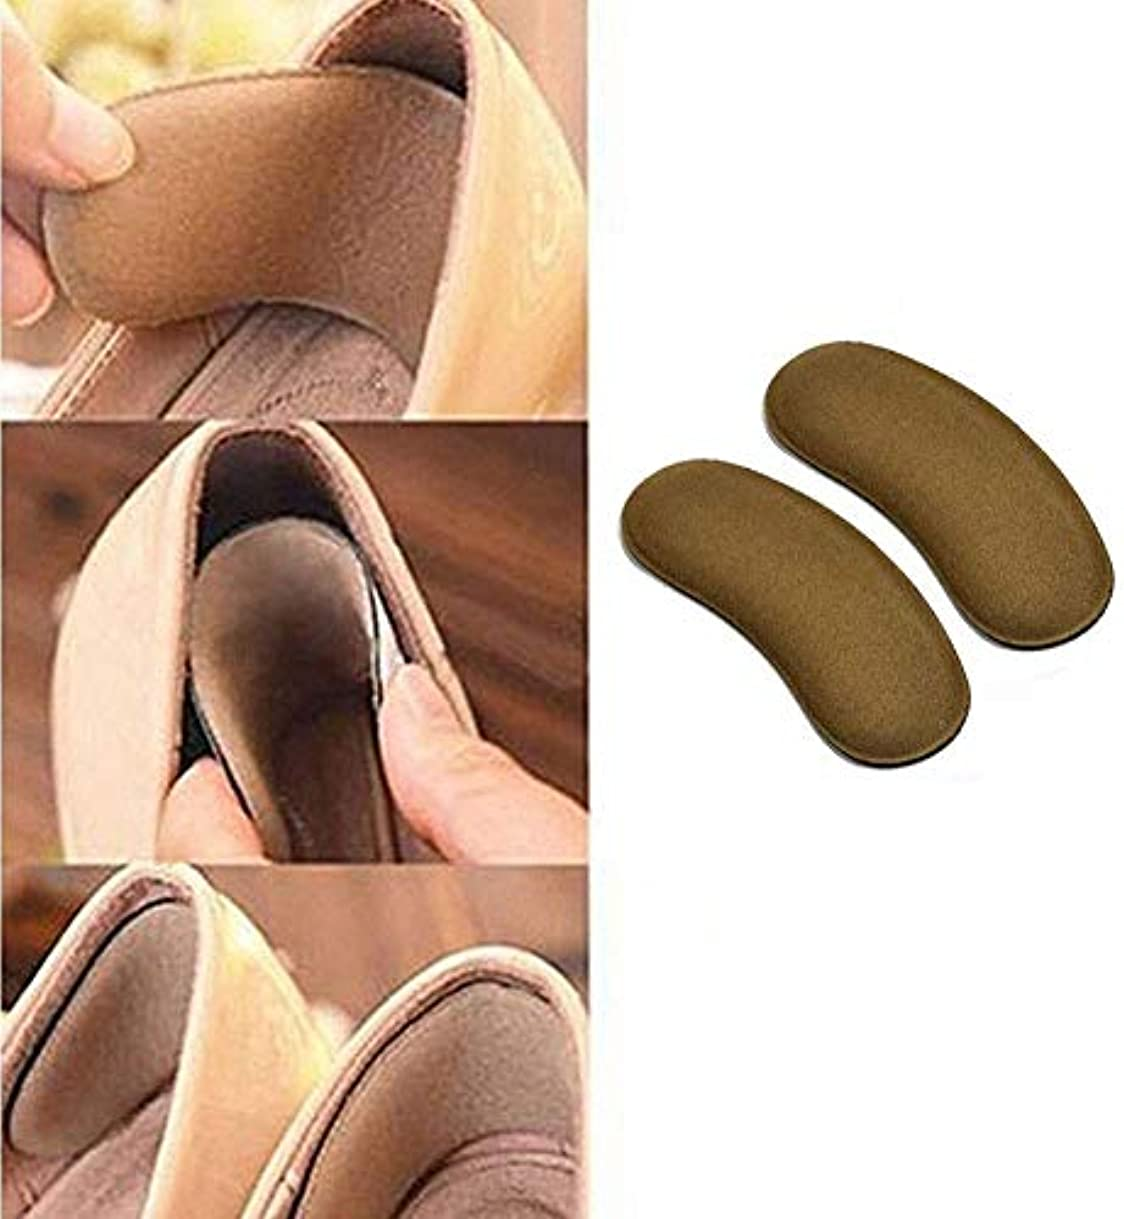 突き出す自殺口頭ヒールパッド付きパッドライニング、高いヒールパッドのライニングの靴のライニング緩い靴、改善された靴のフィット感と快適さのために、水ぶくれが大きすぎる、ユーチューブーチューブニセックス防止の5組